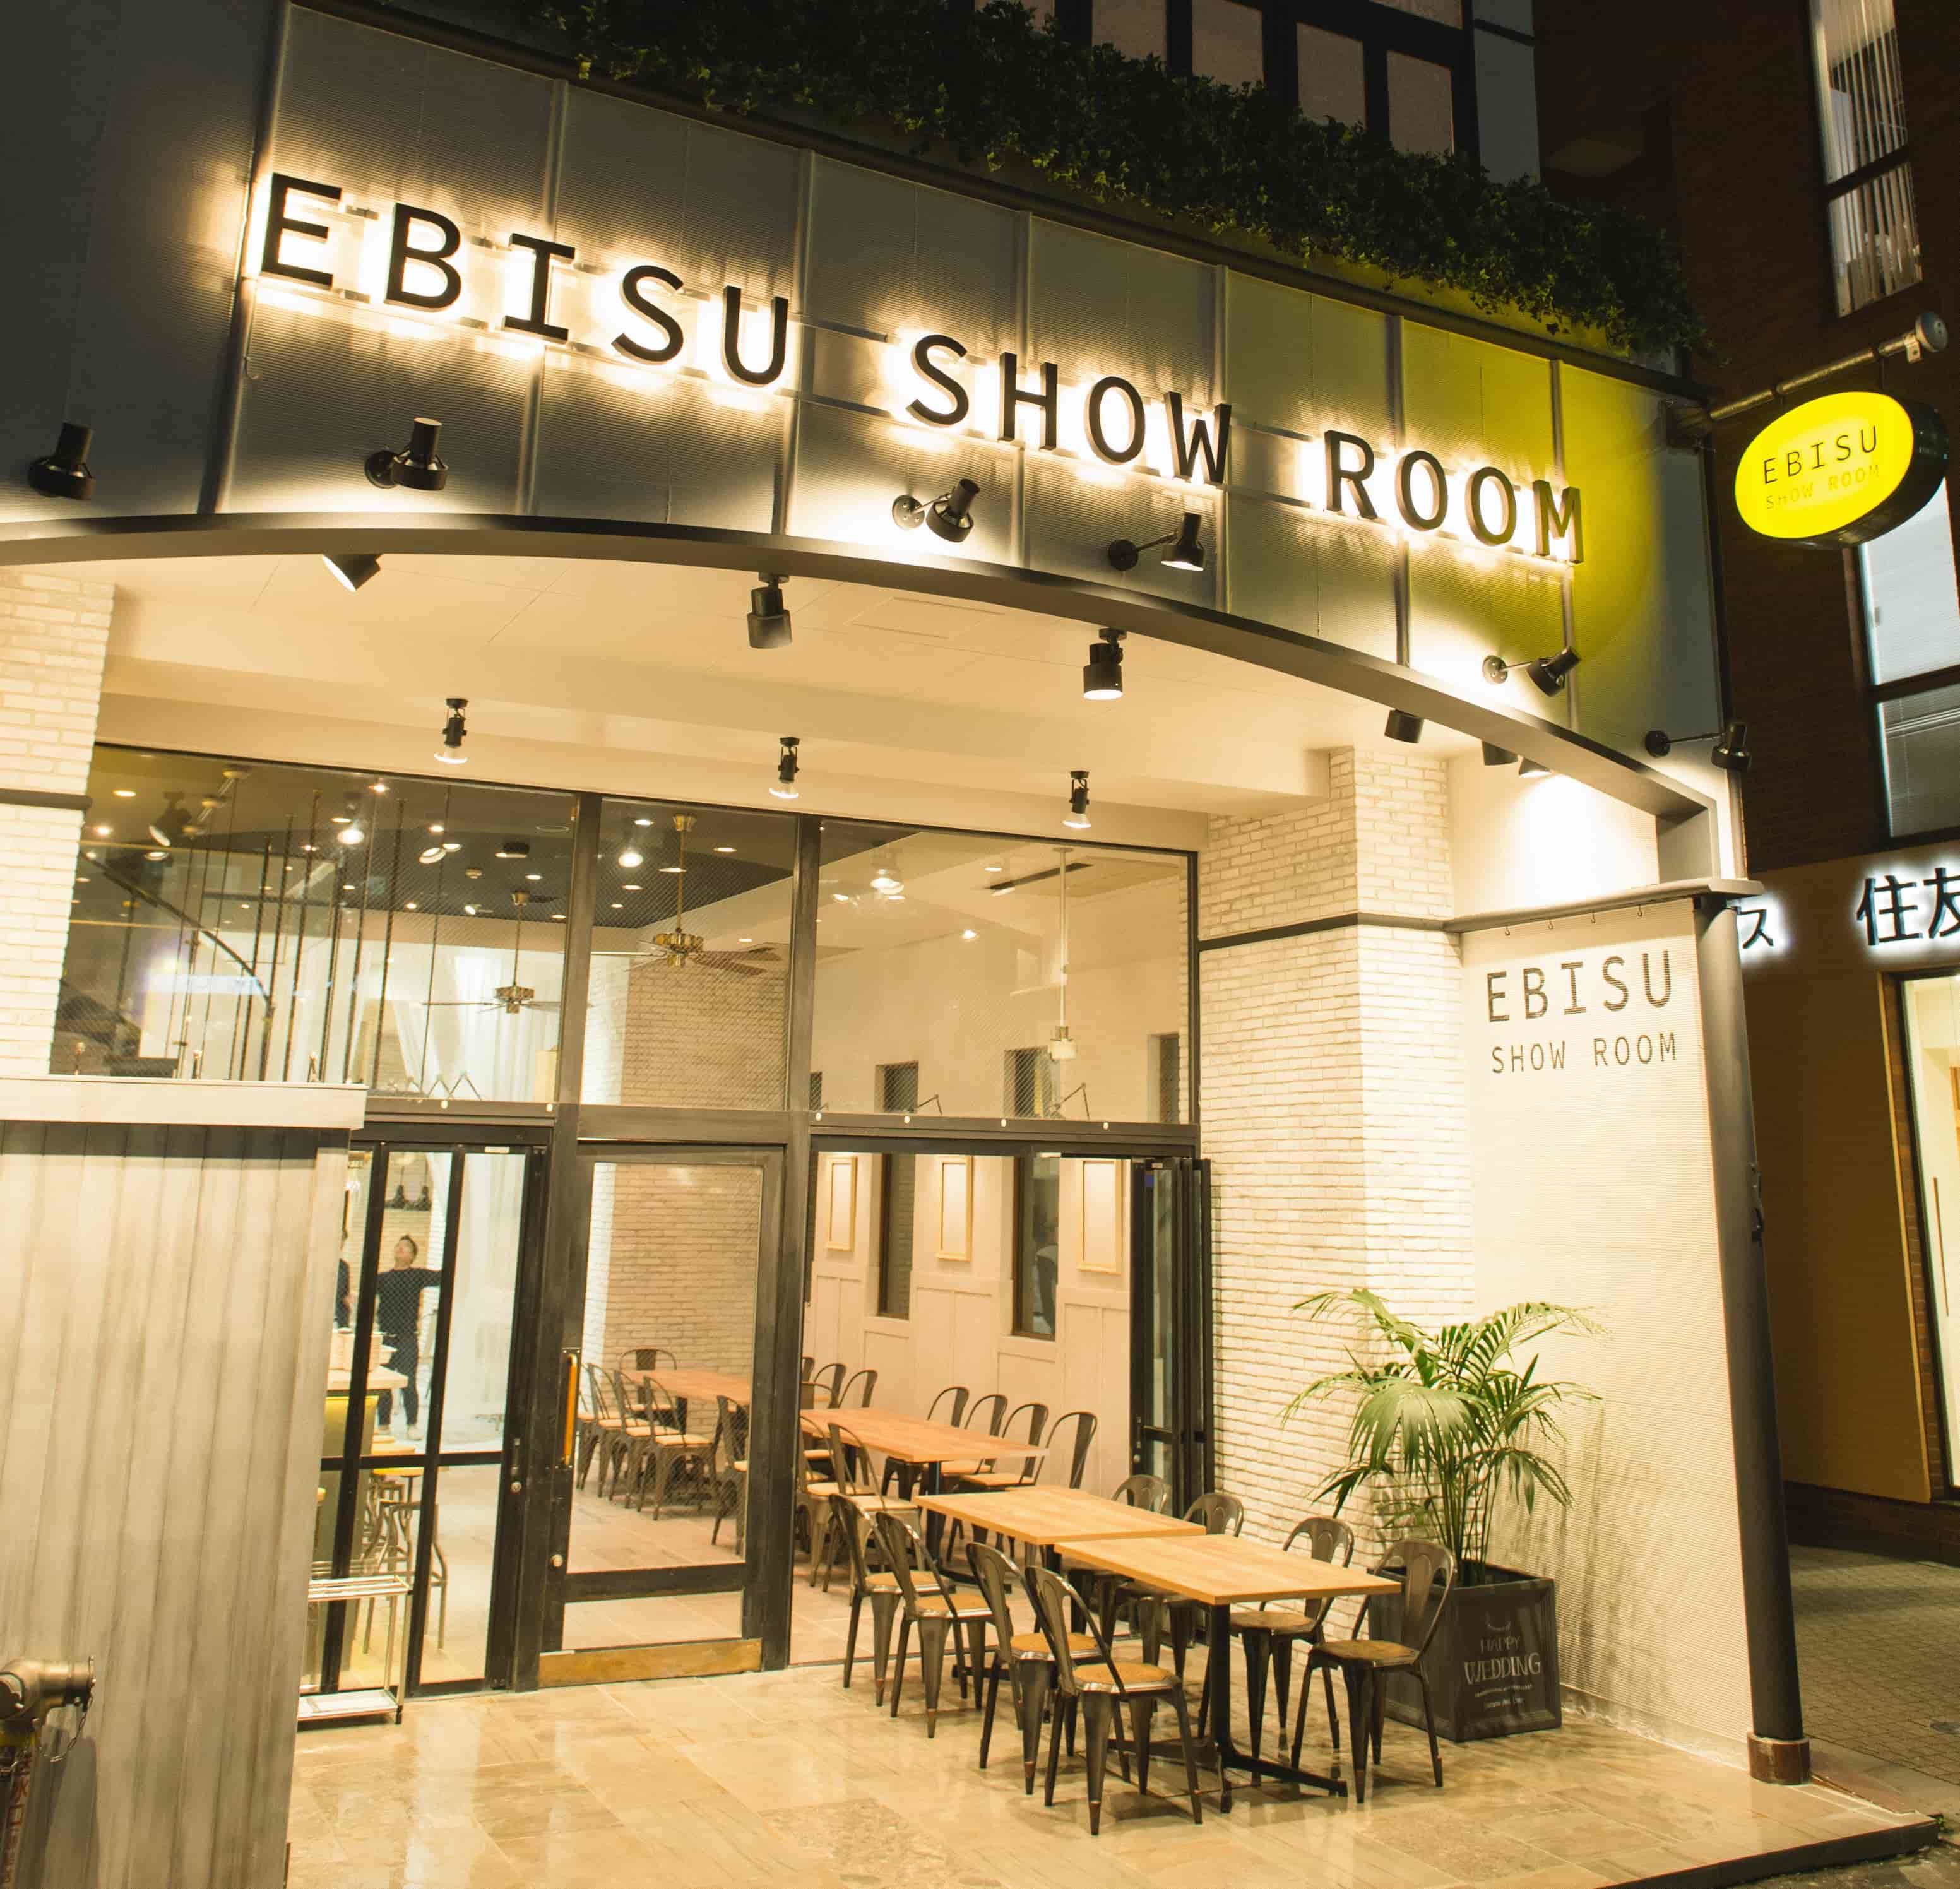 婚活パーティーの準備@EBISU SHOW ROOM|TIME SHARING|タイムシェアリング |スペースマネジメント|あどばる|adval|SHARING